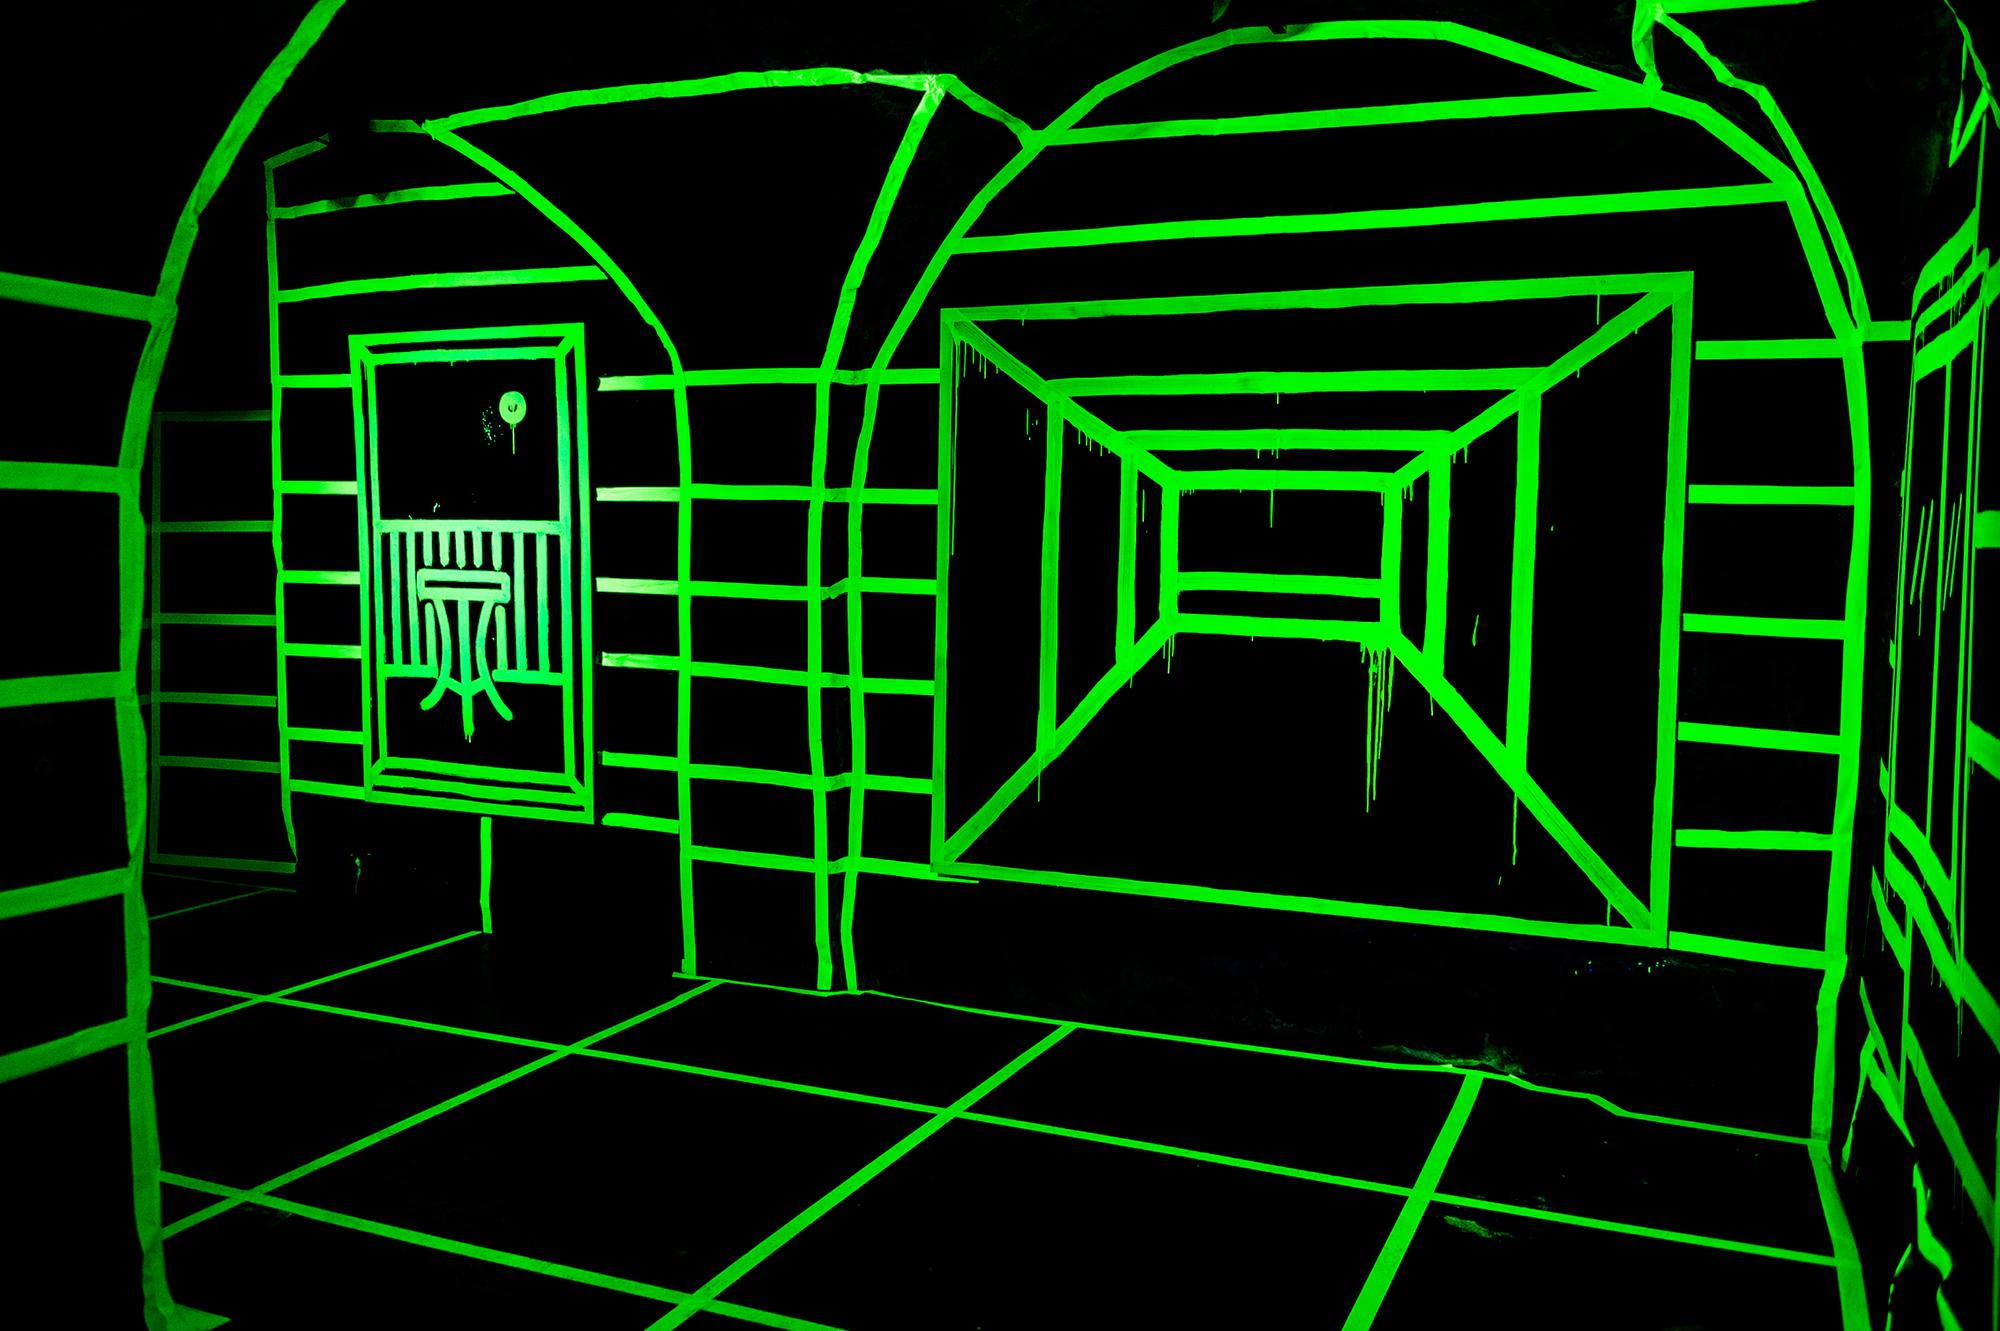 Joshua Vides glow in the dark exhibit 1